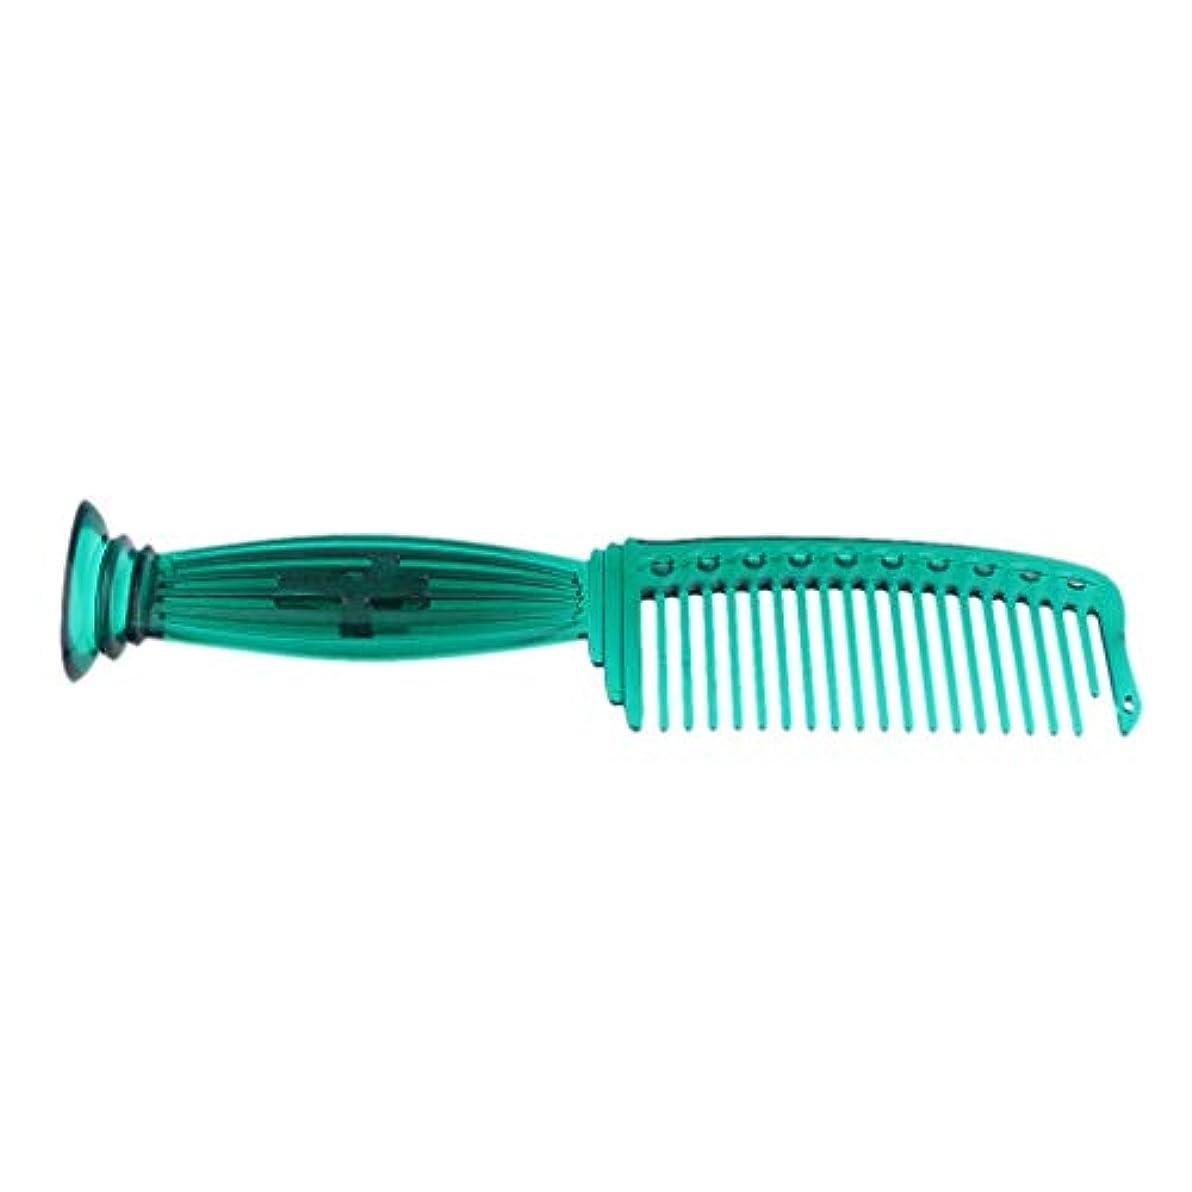 統合機会前奏曲全5色 ワイド歯 ヘアコーム ヘアブラシ プラスチック櫛 頭皮保護 櫛 プロ ヘアサロン 理髪師用 - 緑